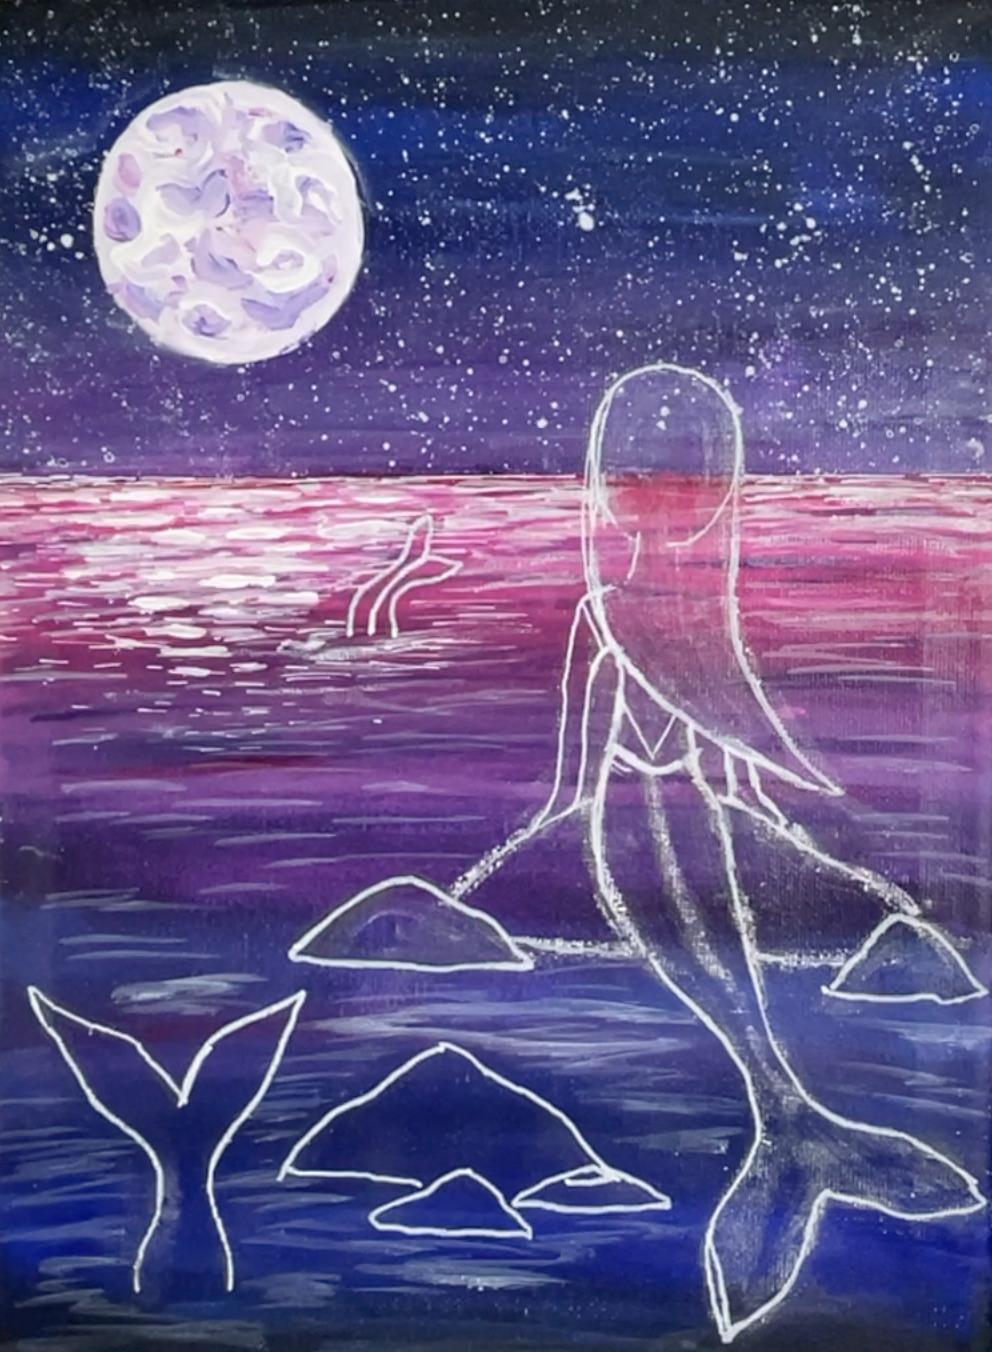 mermaid painting night ocean